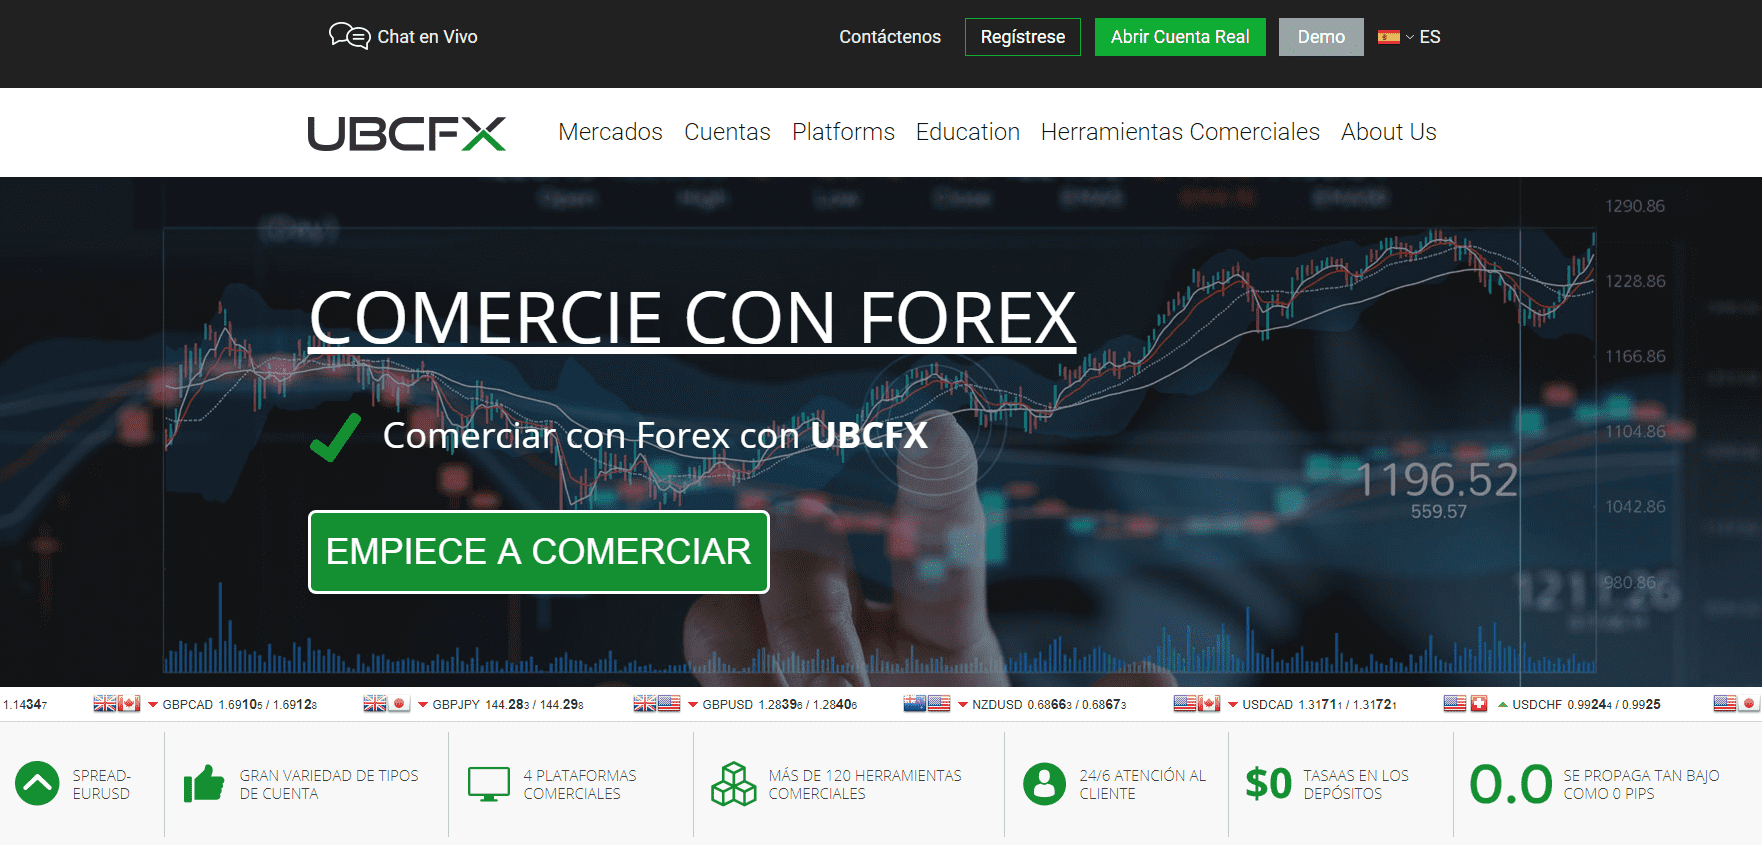 UBCFX Opinión